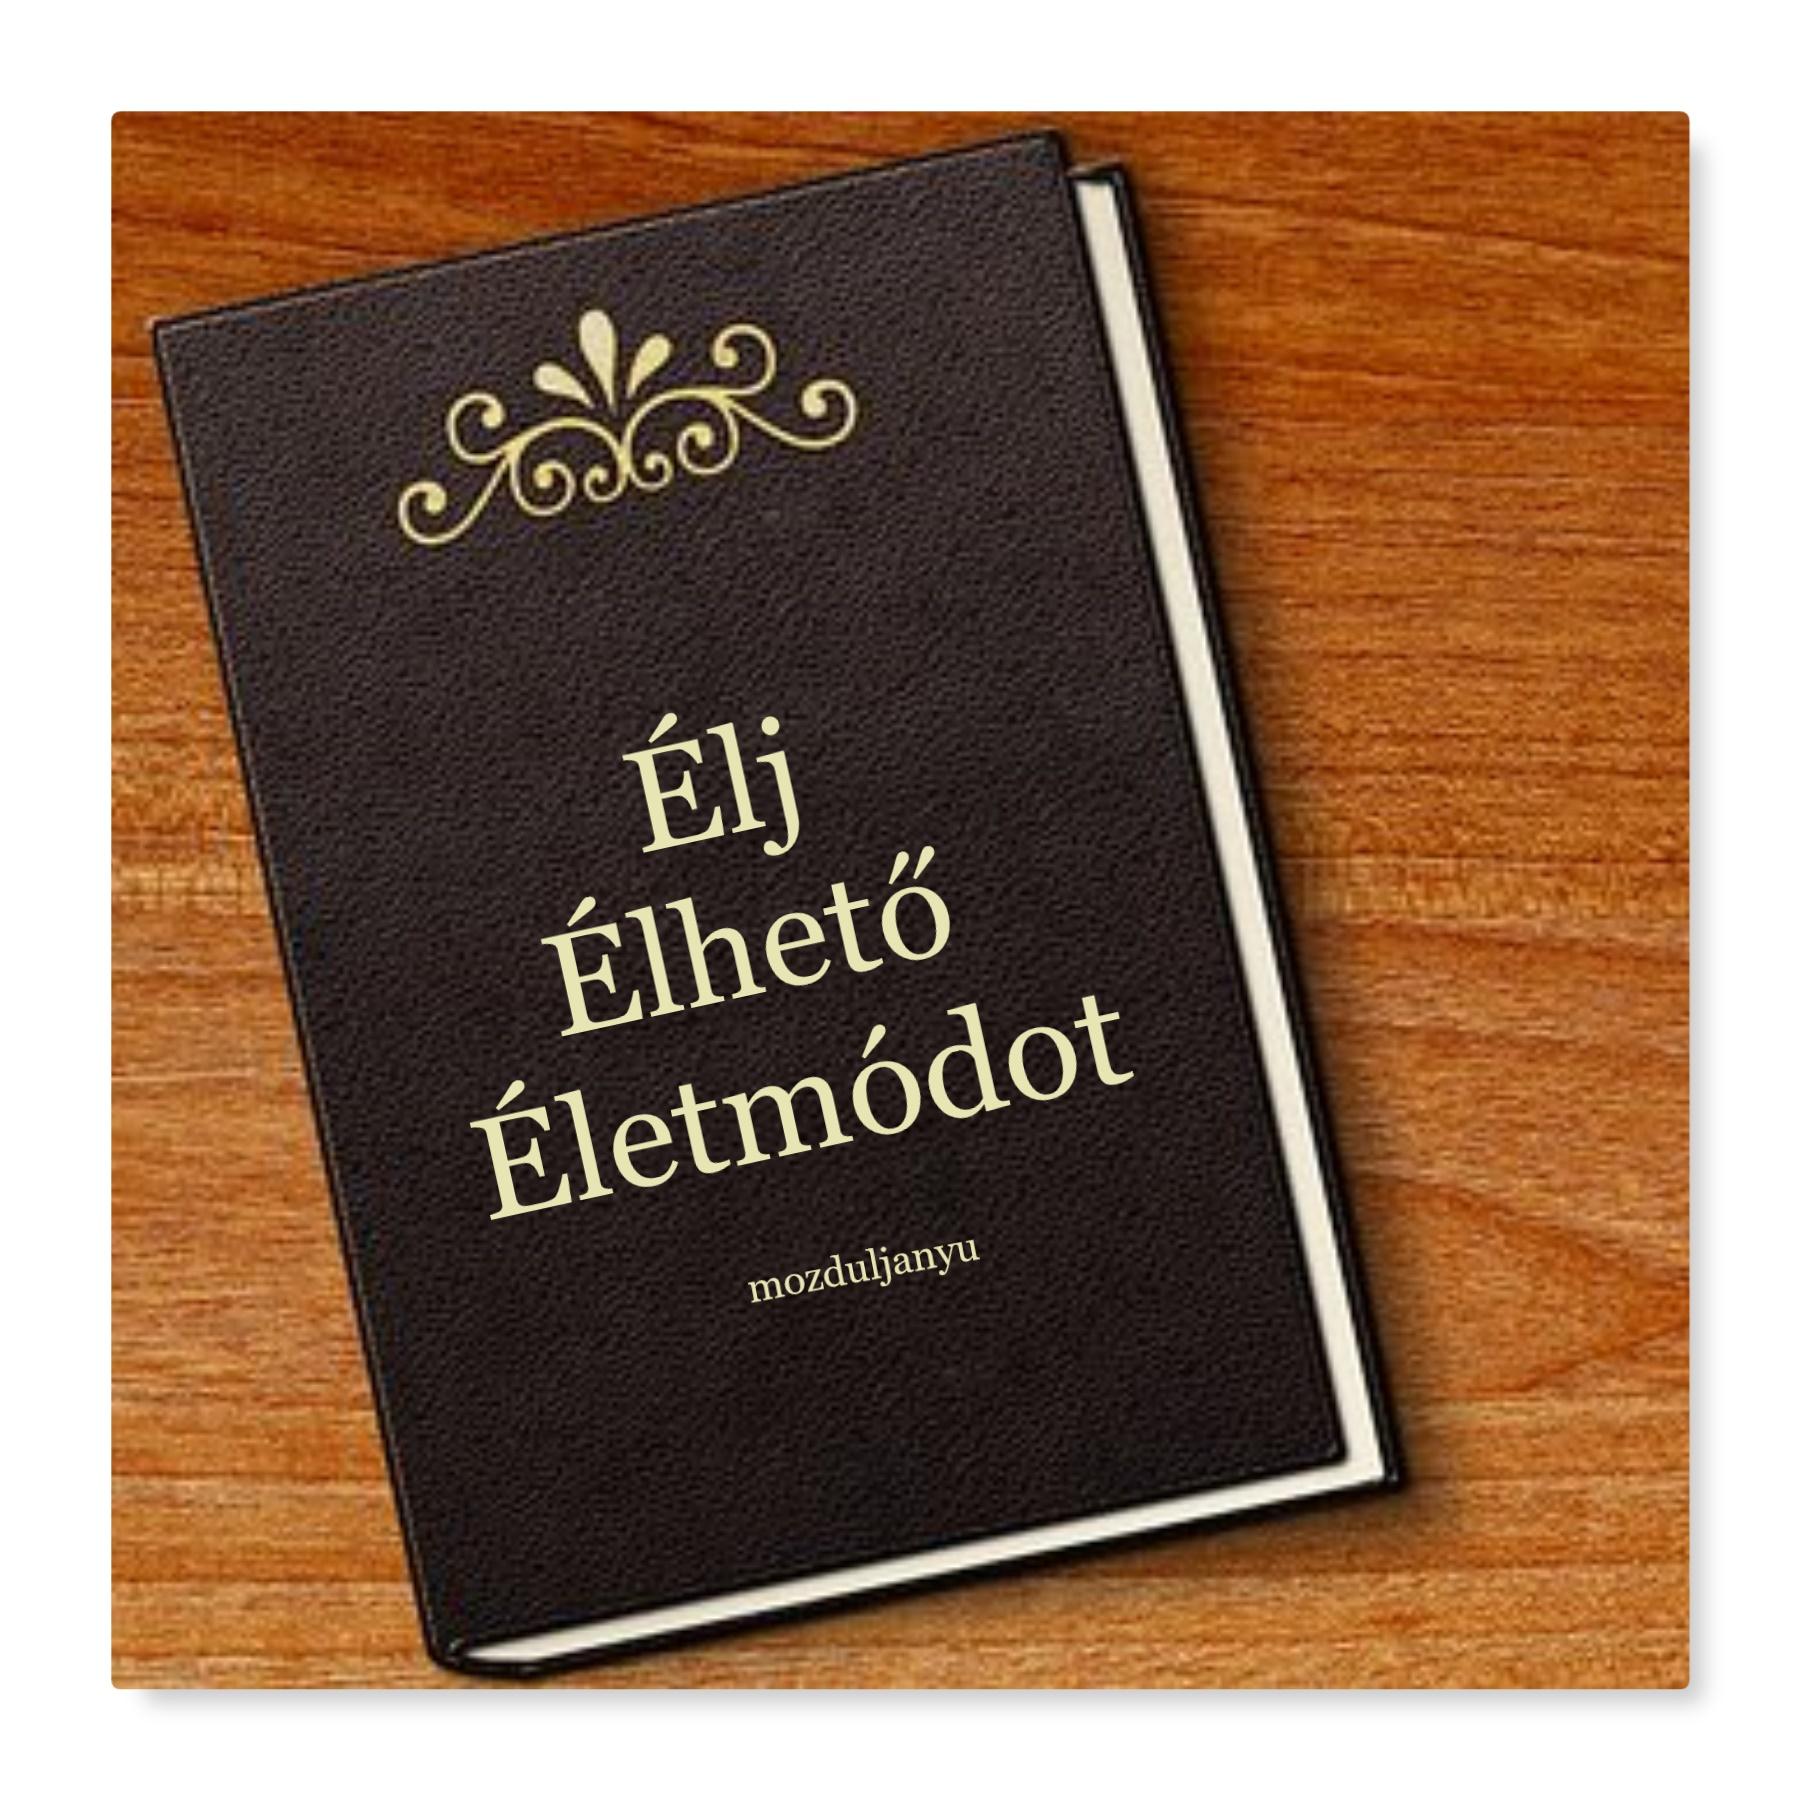 ÉLJ ÉLHETŐ ÉLETMÓDOT könyv kép